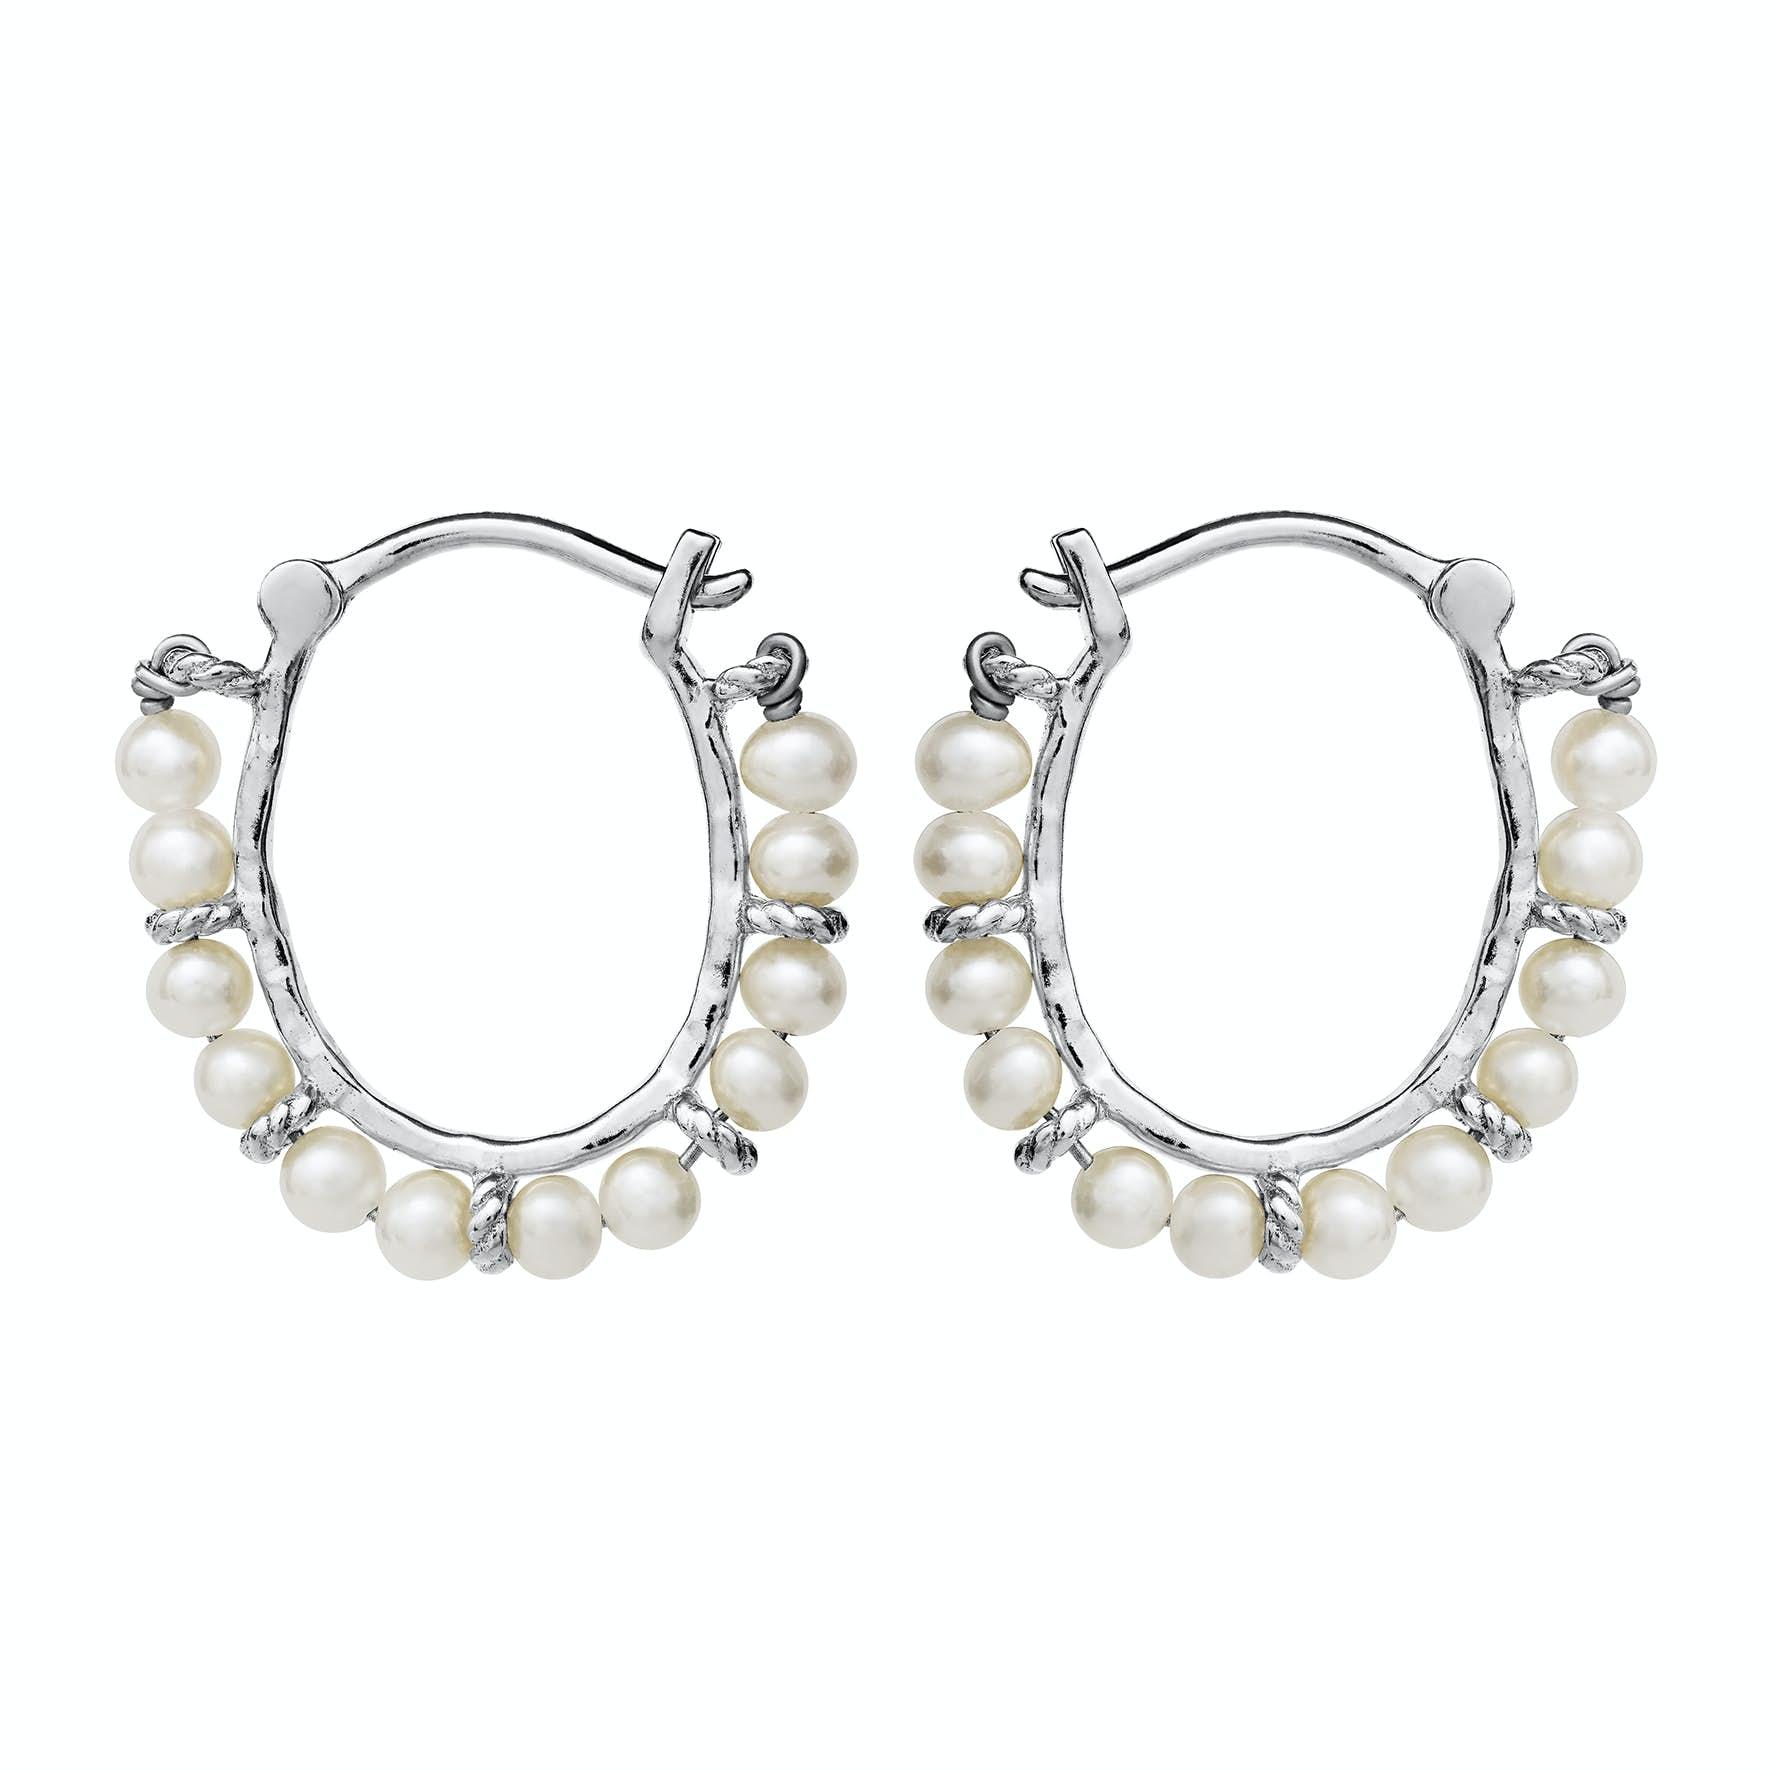 Phile Earrings from Maanesten in Silver Sterling 925|Freshwater Pearl|Blank